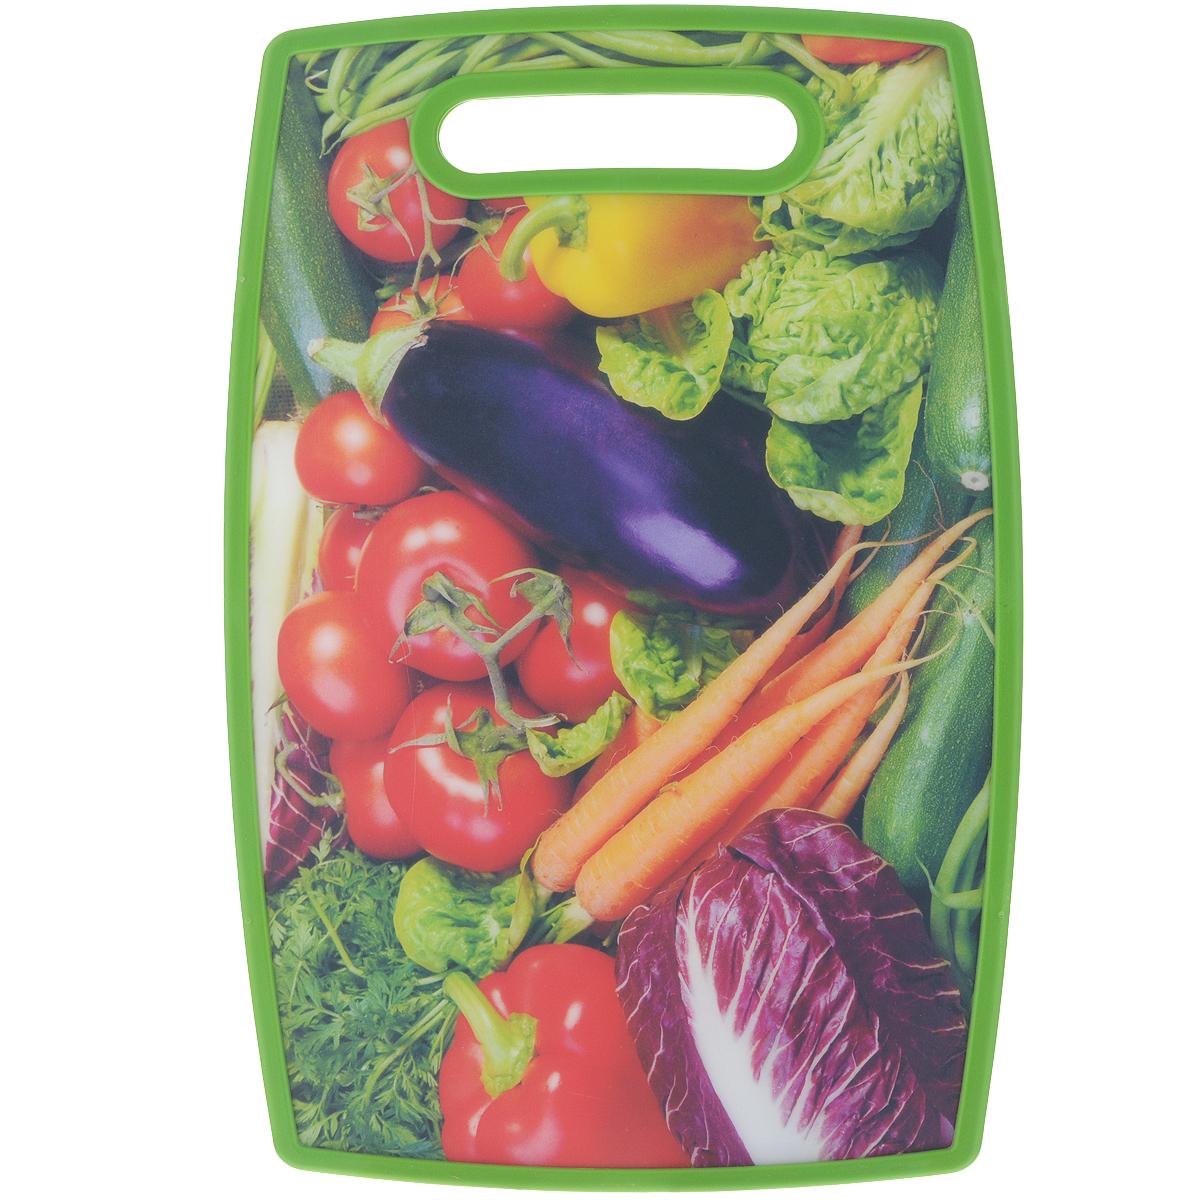 Доска разделочная LaraCook Овощи, 16 х 25 смLC-1116Доска разделочная LaraCook Овощи, изготовленная из устойчивого к истиранию пластика, займет достойное место среди аксессуаров на вашей кухне. С одной стороны доска имеет однотонное пластиковое покрытие, а с другой декорирована изображением овощей. Доска имеет высокий коэффициент жесткости и прекрасно подойдет для нарезки любых продуктов. Устойчива к деформации и высоким температурам.Можно мыть в посудомоечной машине.